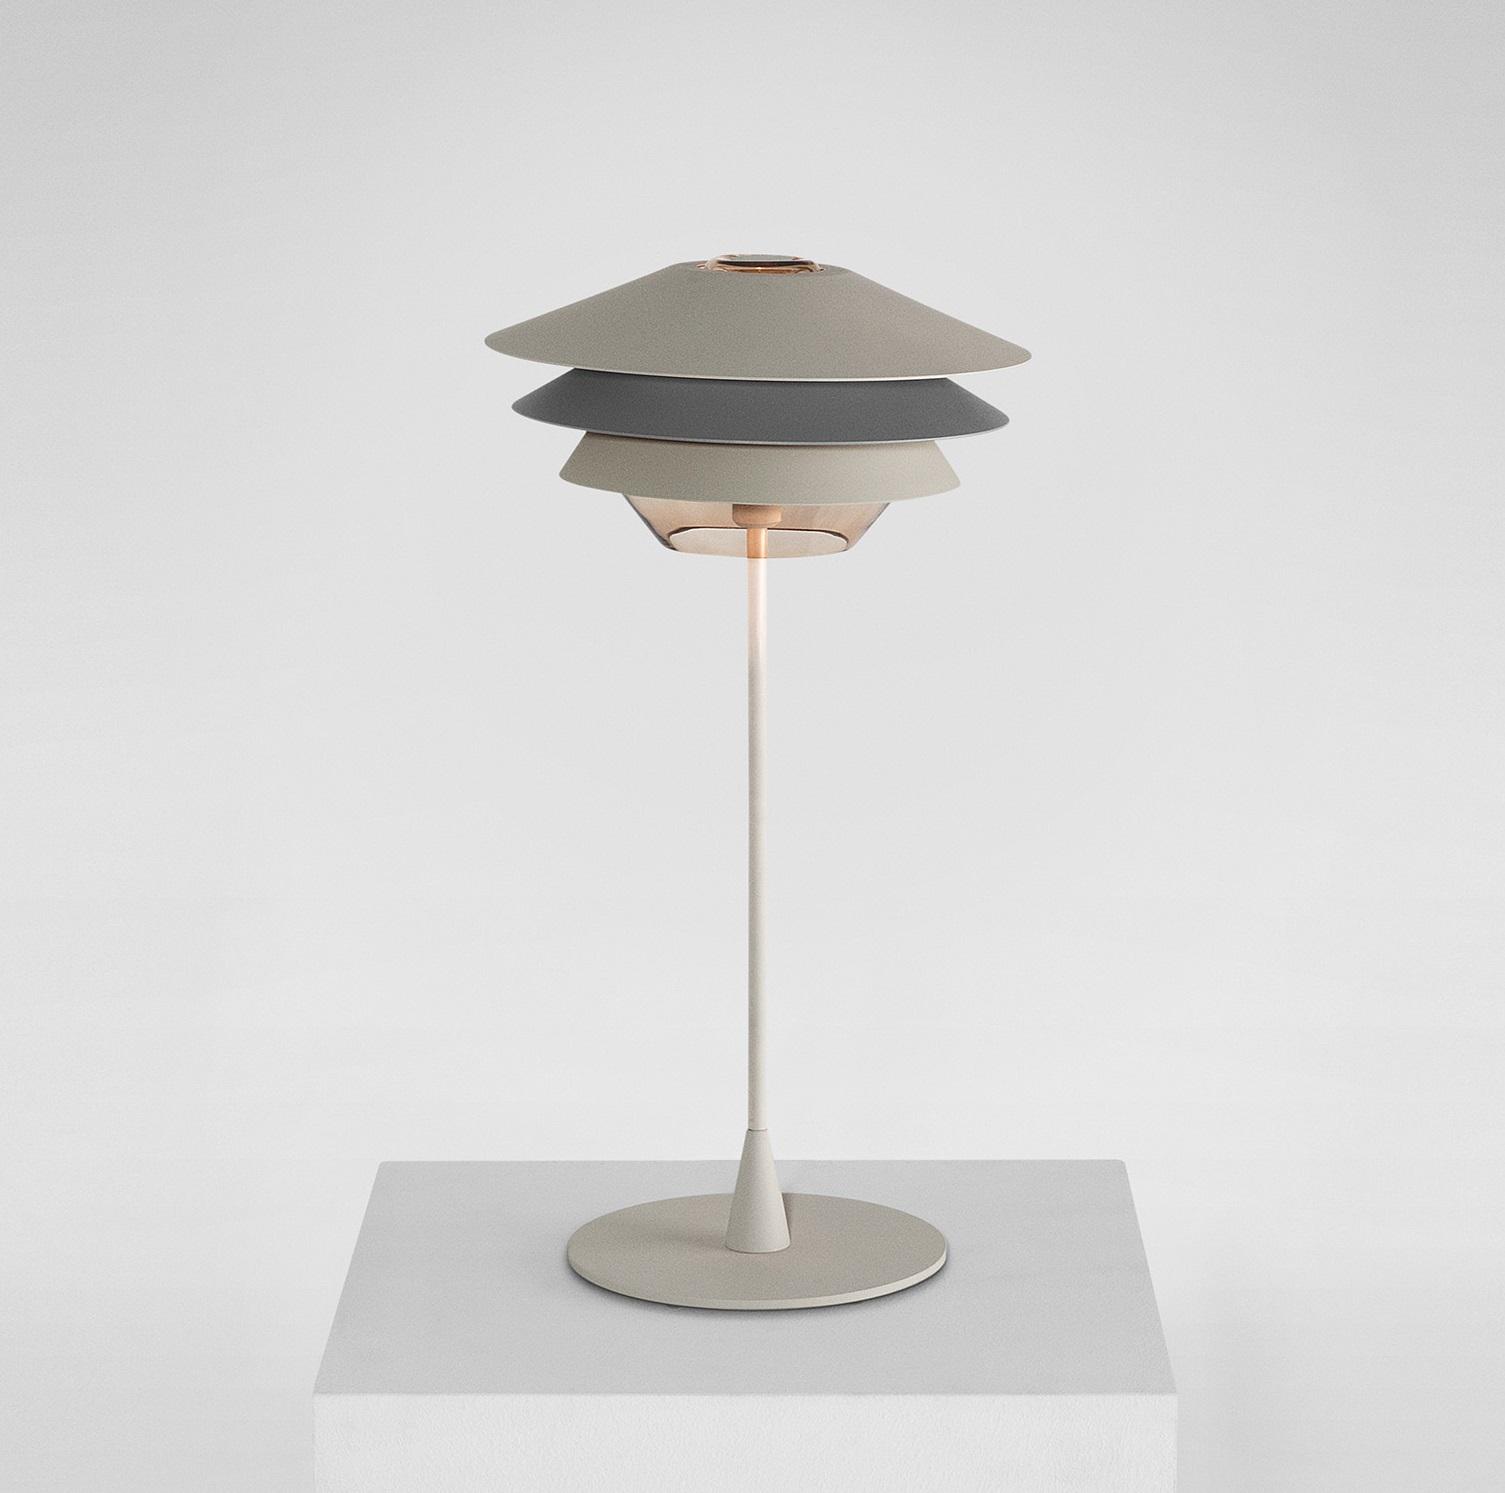 PoserOverlayBeigeGrisH50cm À Lampe Lampe Lux B À SVMqUpz